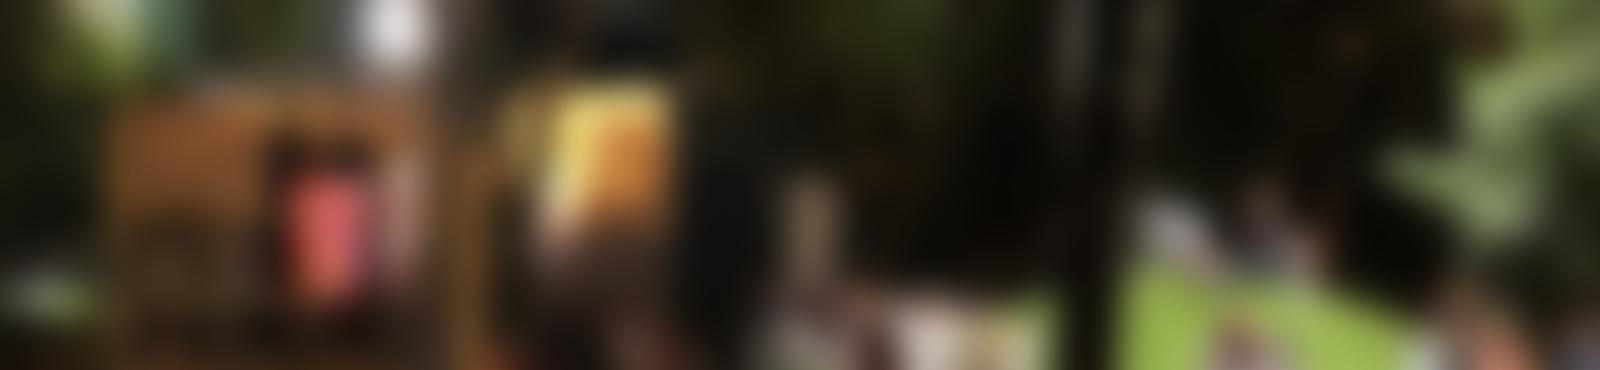 Blurred 8308f77e 281c 4178 9a2d c635cf219b59